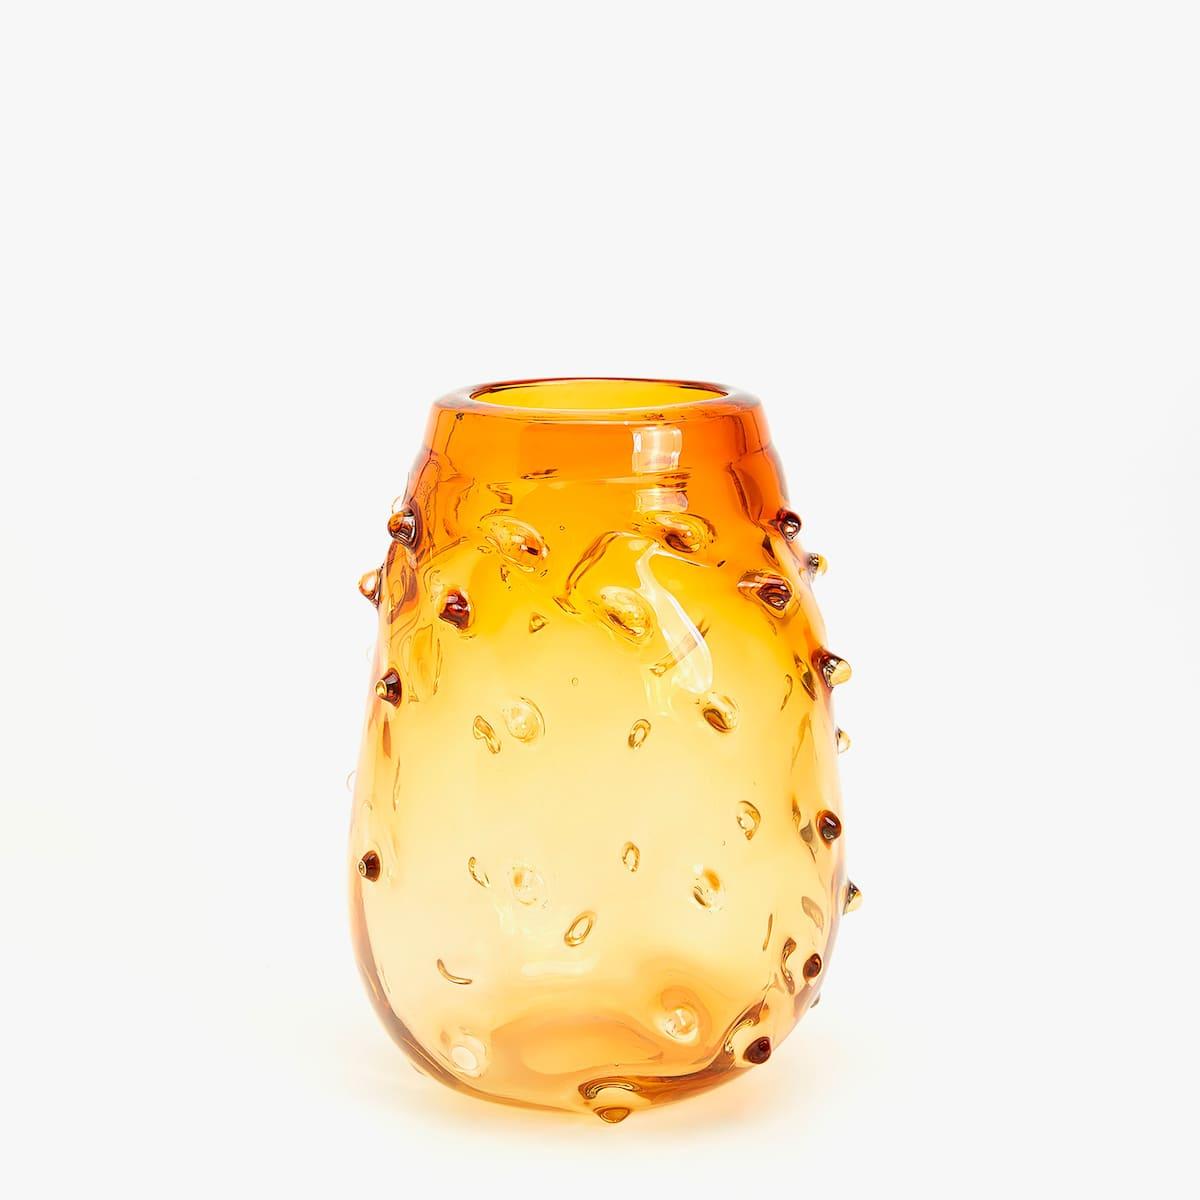 Afbeelding 1 van het product Glazen vaas met stekels